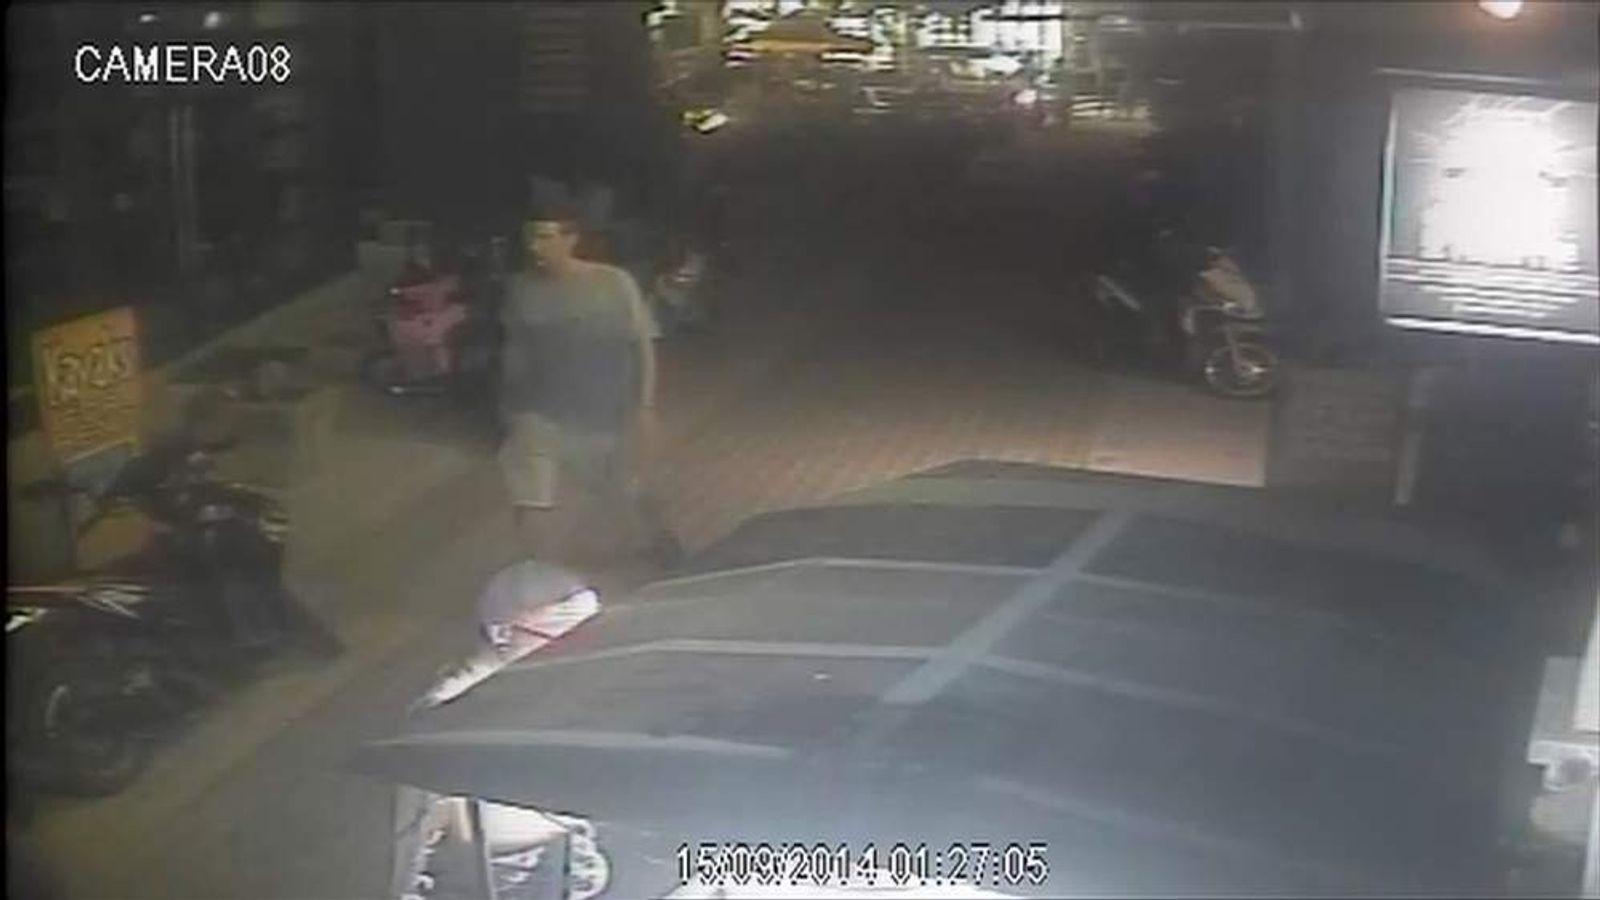 190914 David Miller Thailand CCTV